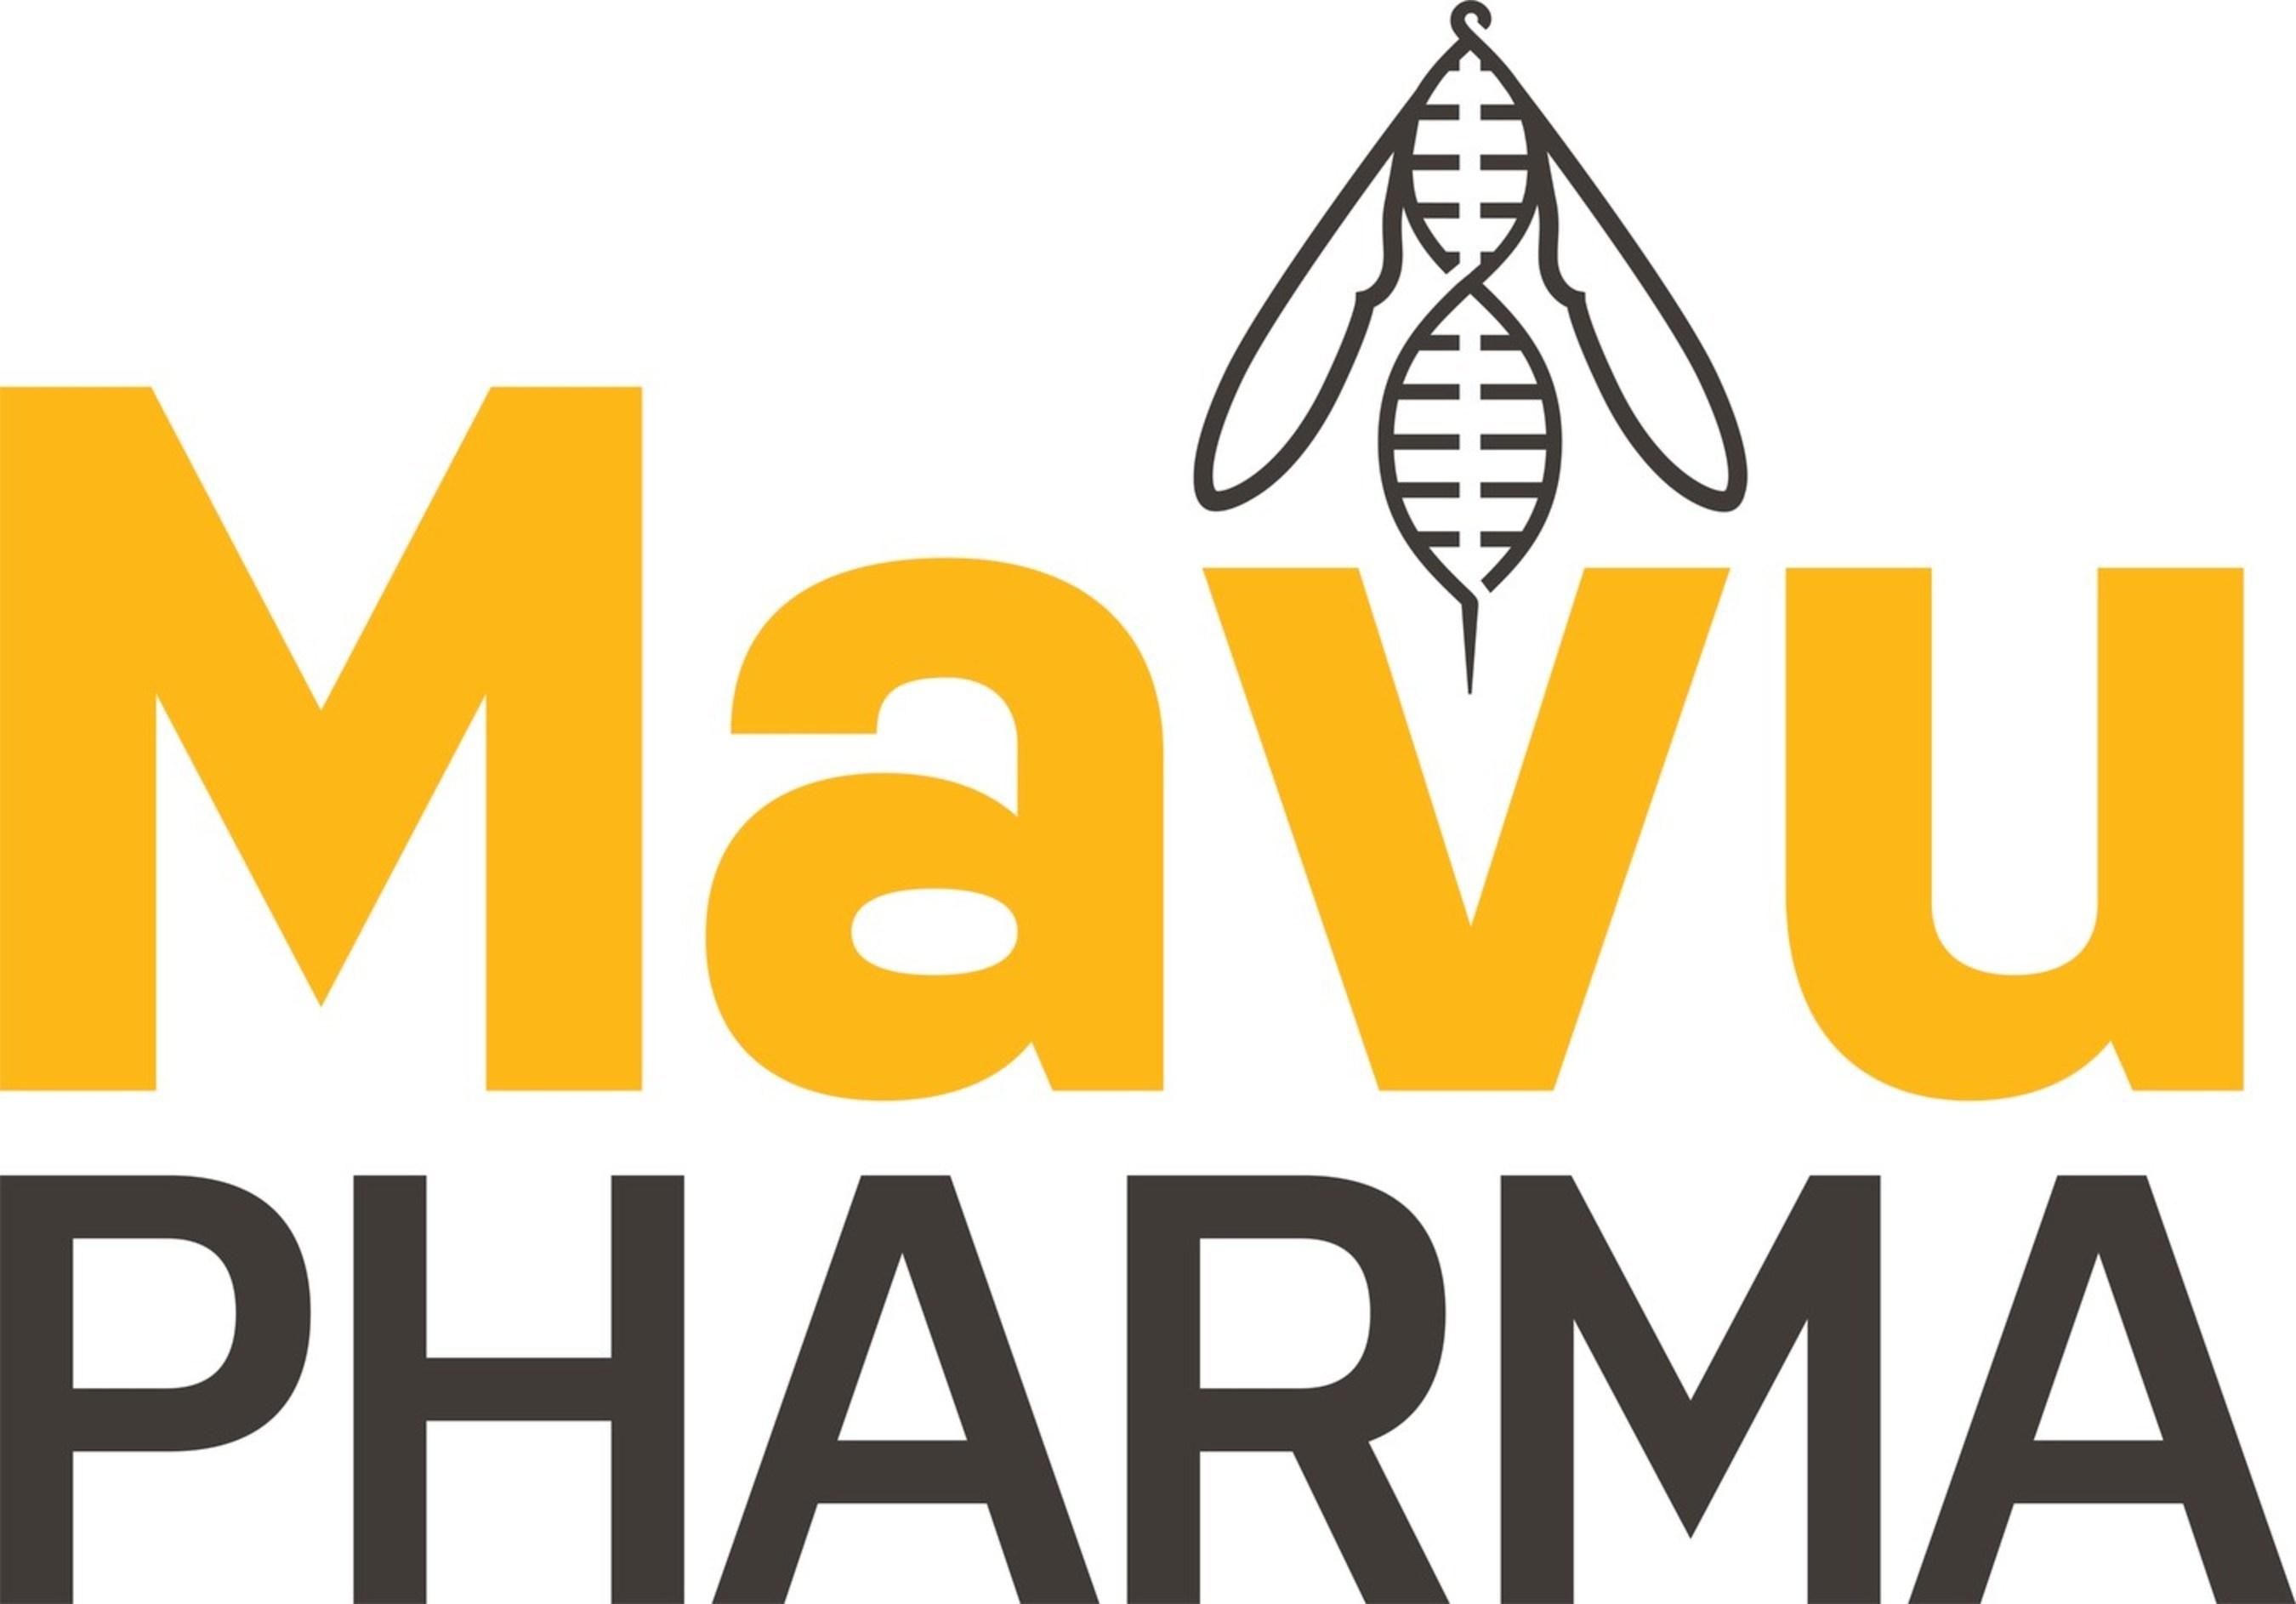 «Мавуфарма» (Mavupharma).